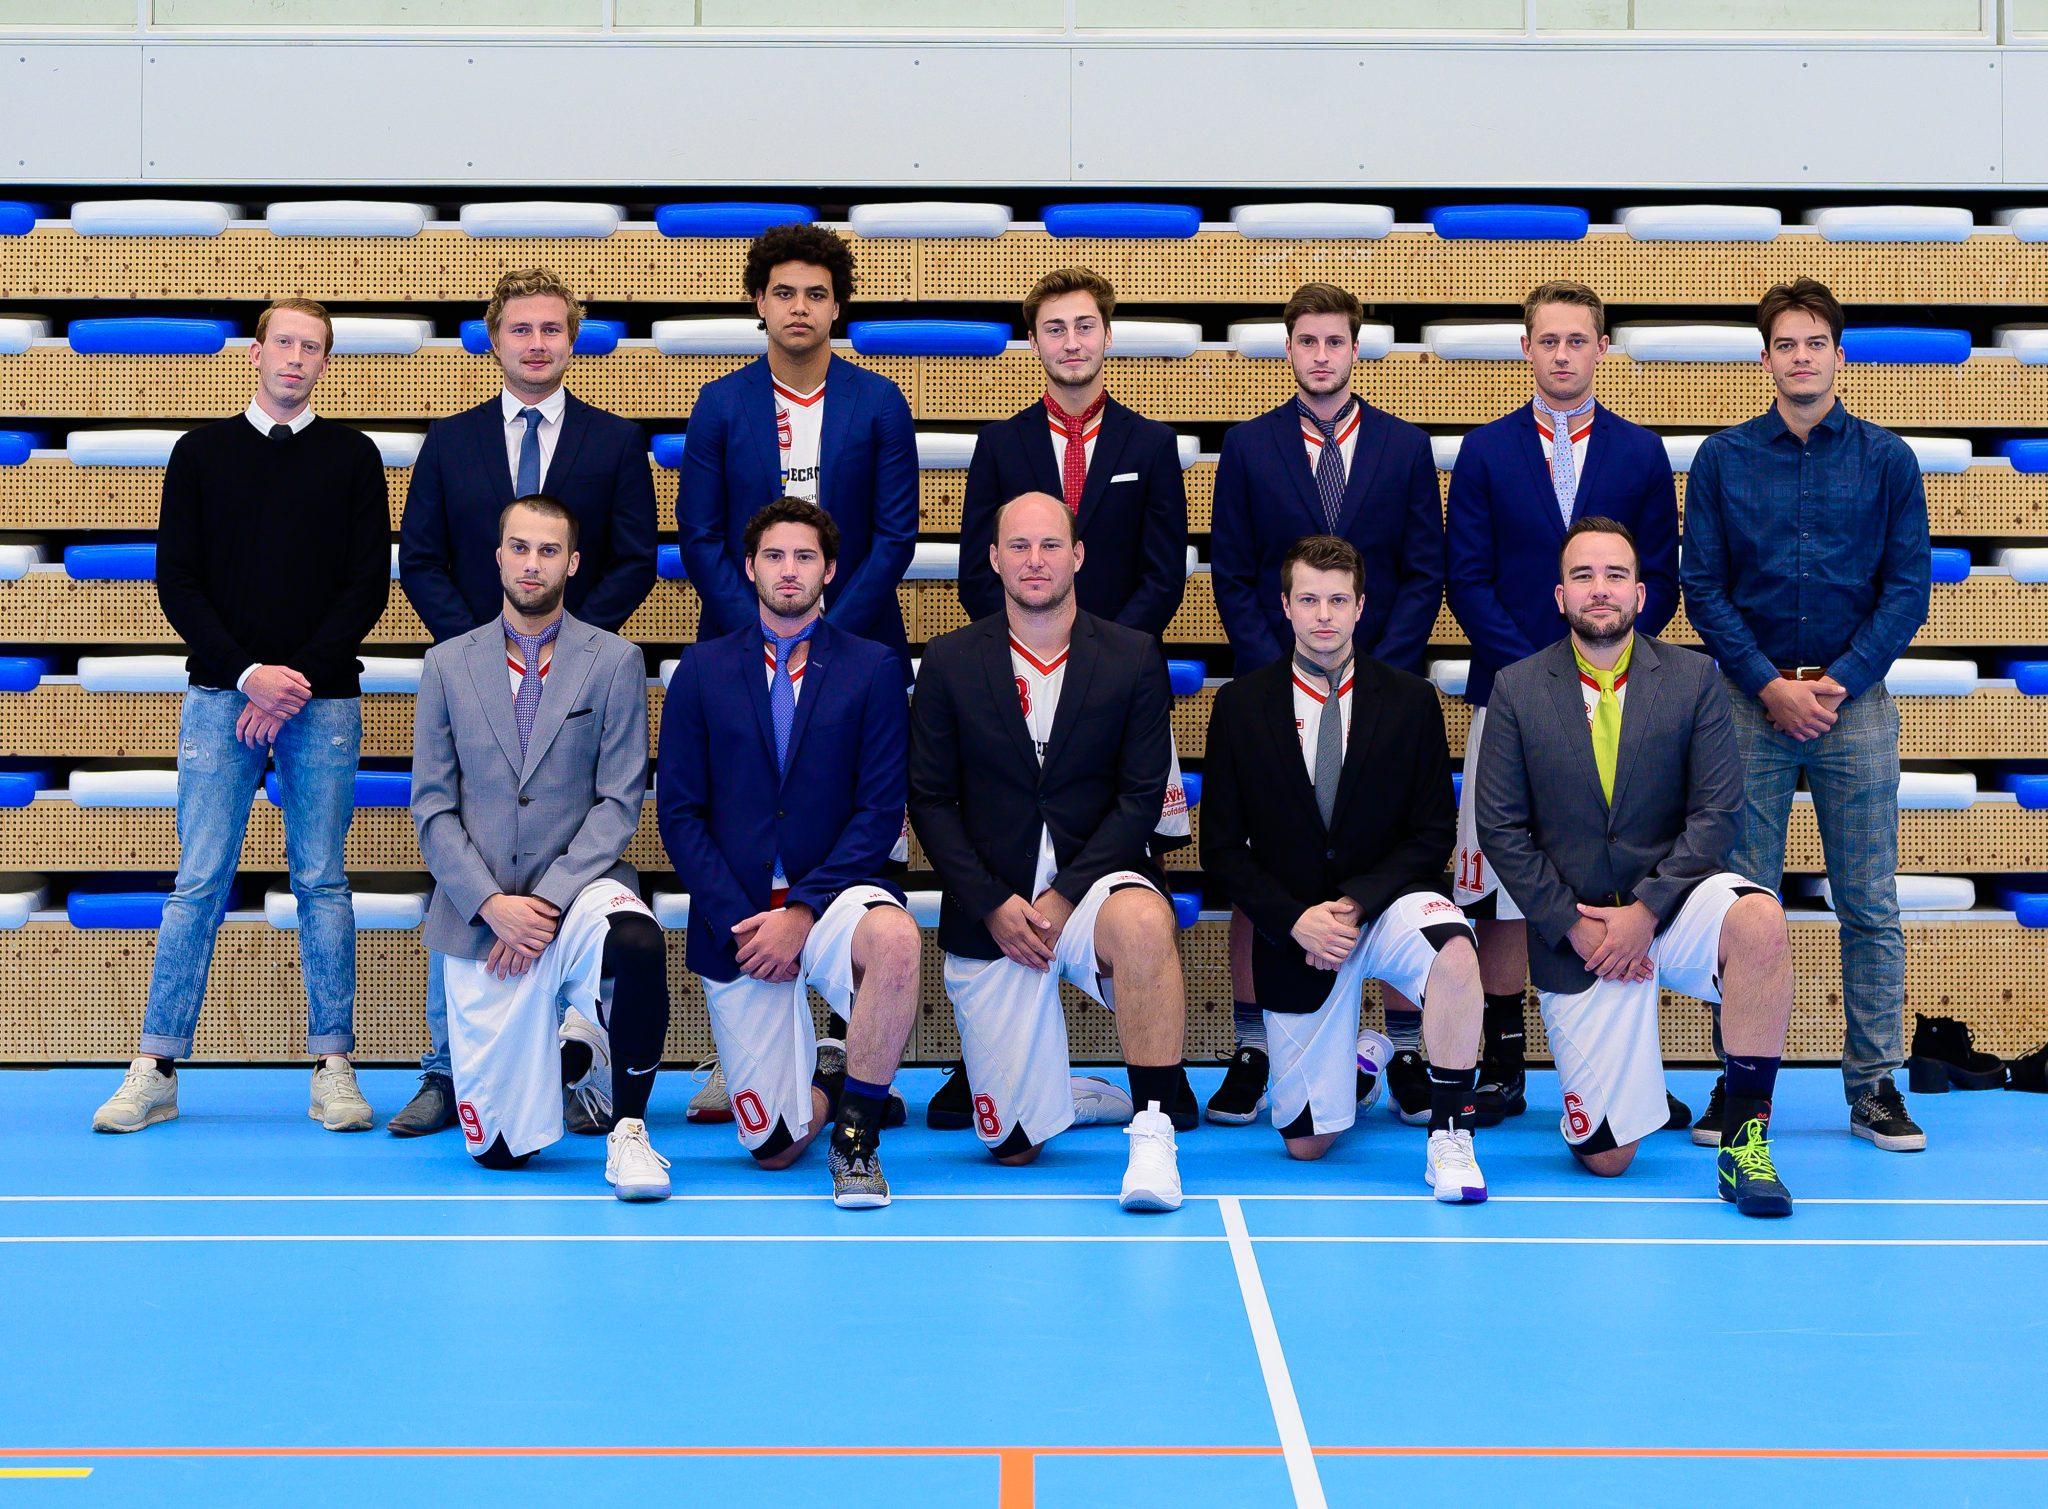 Teamfoto BV Hoofddorp MSE 2